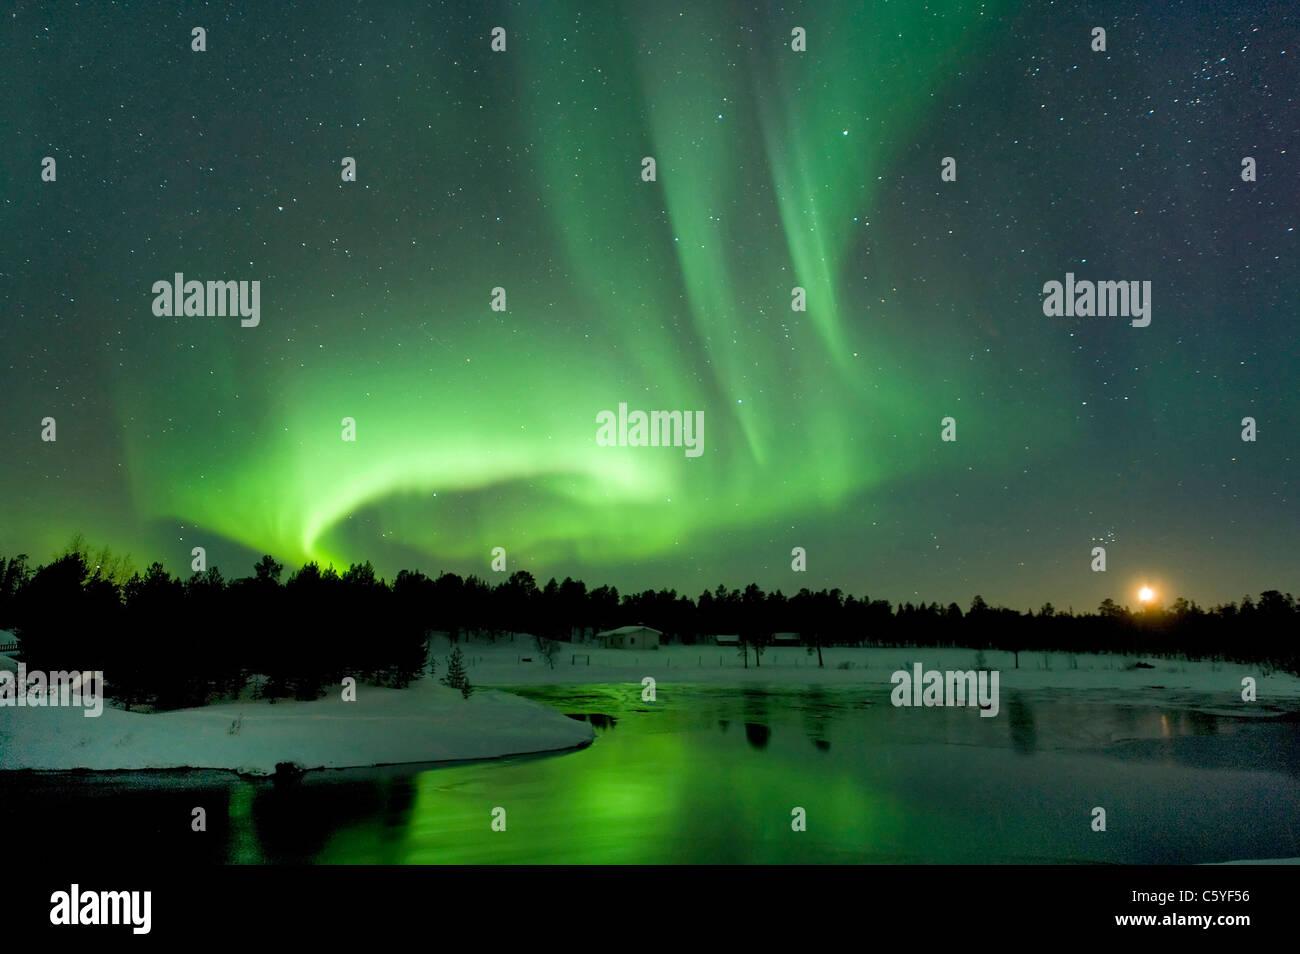 Luci del nord, noto anche come aurora boreale al calare della luna vicino a Inari. La Lapponia, Finlandia. Immagini Stock